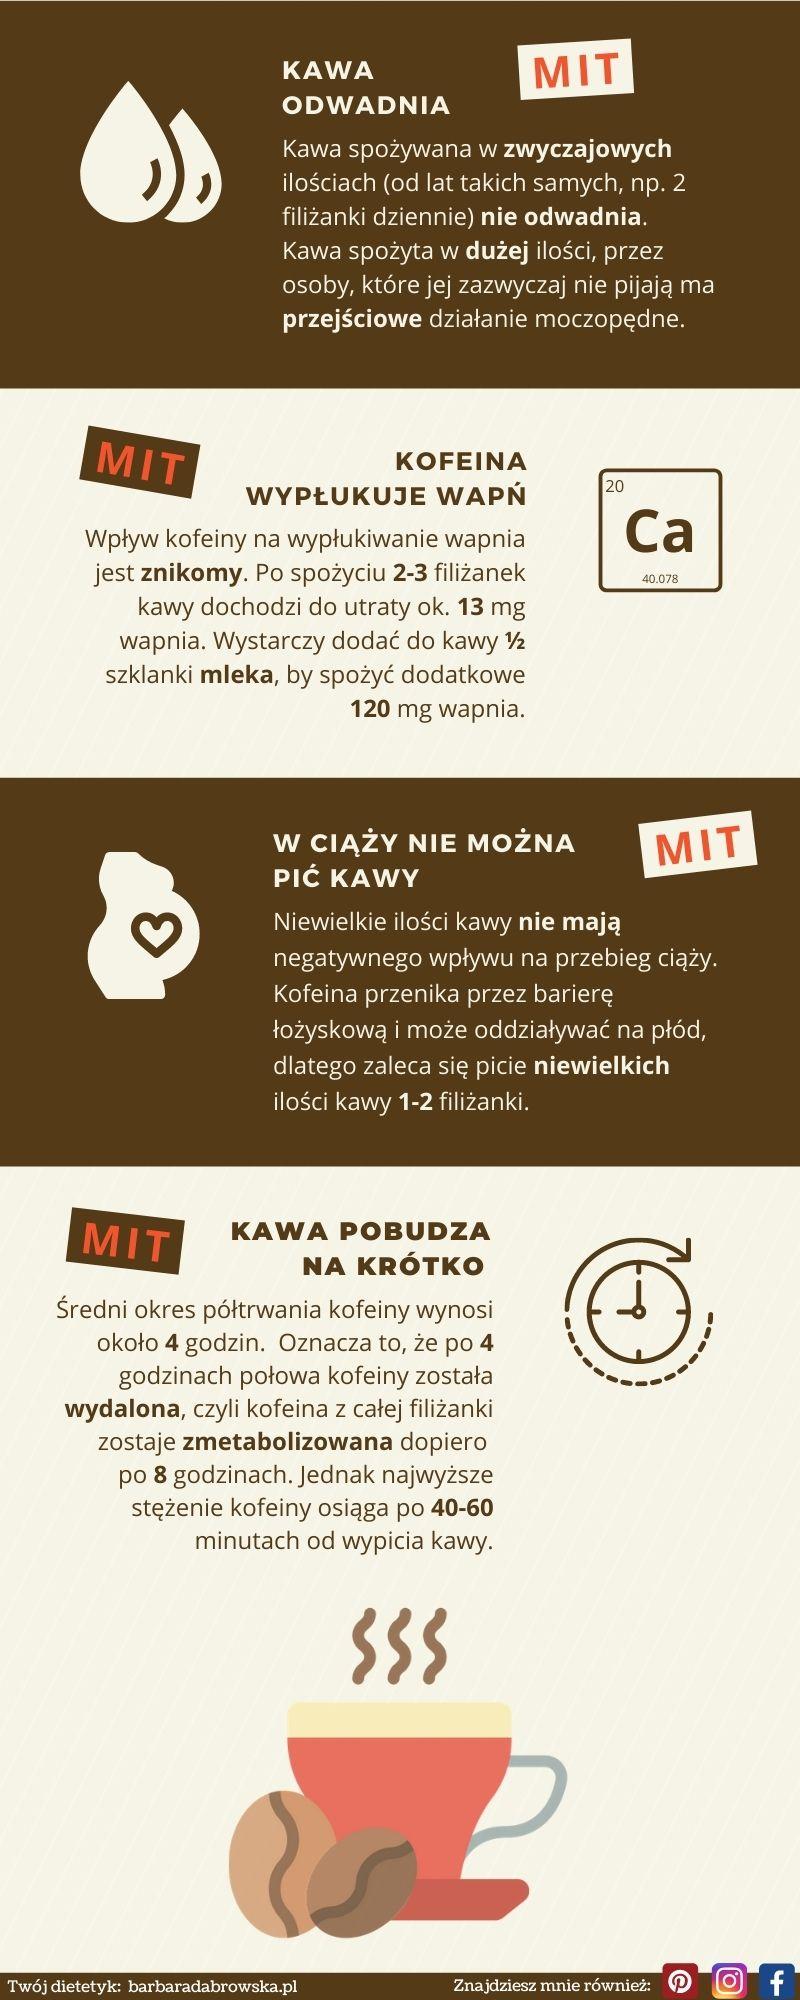 Kawa - fakty i mity - część 2